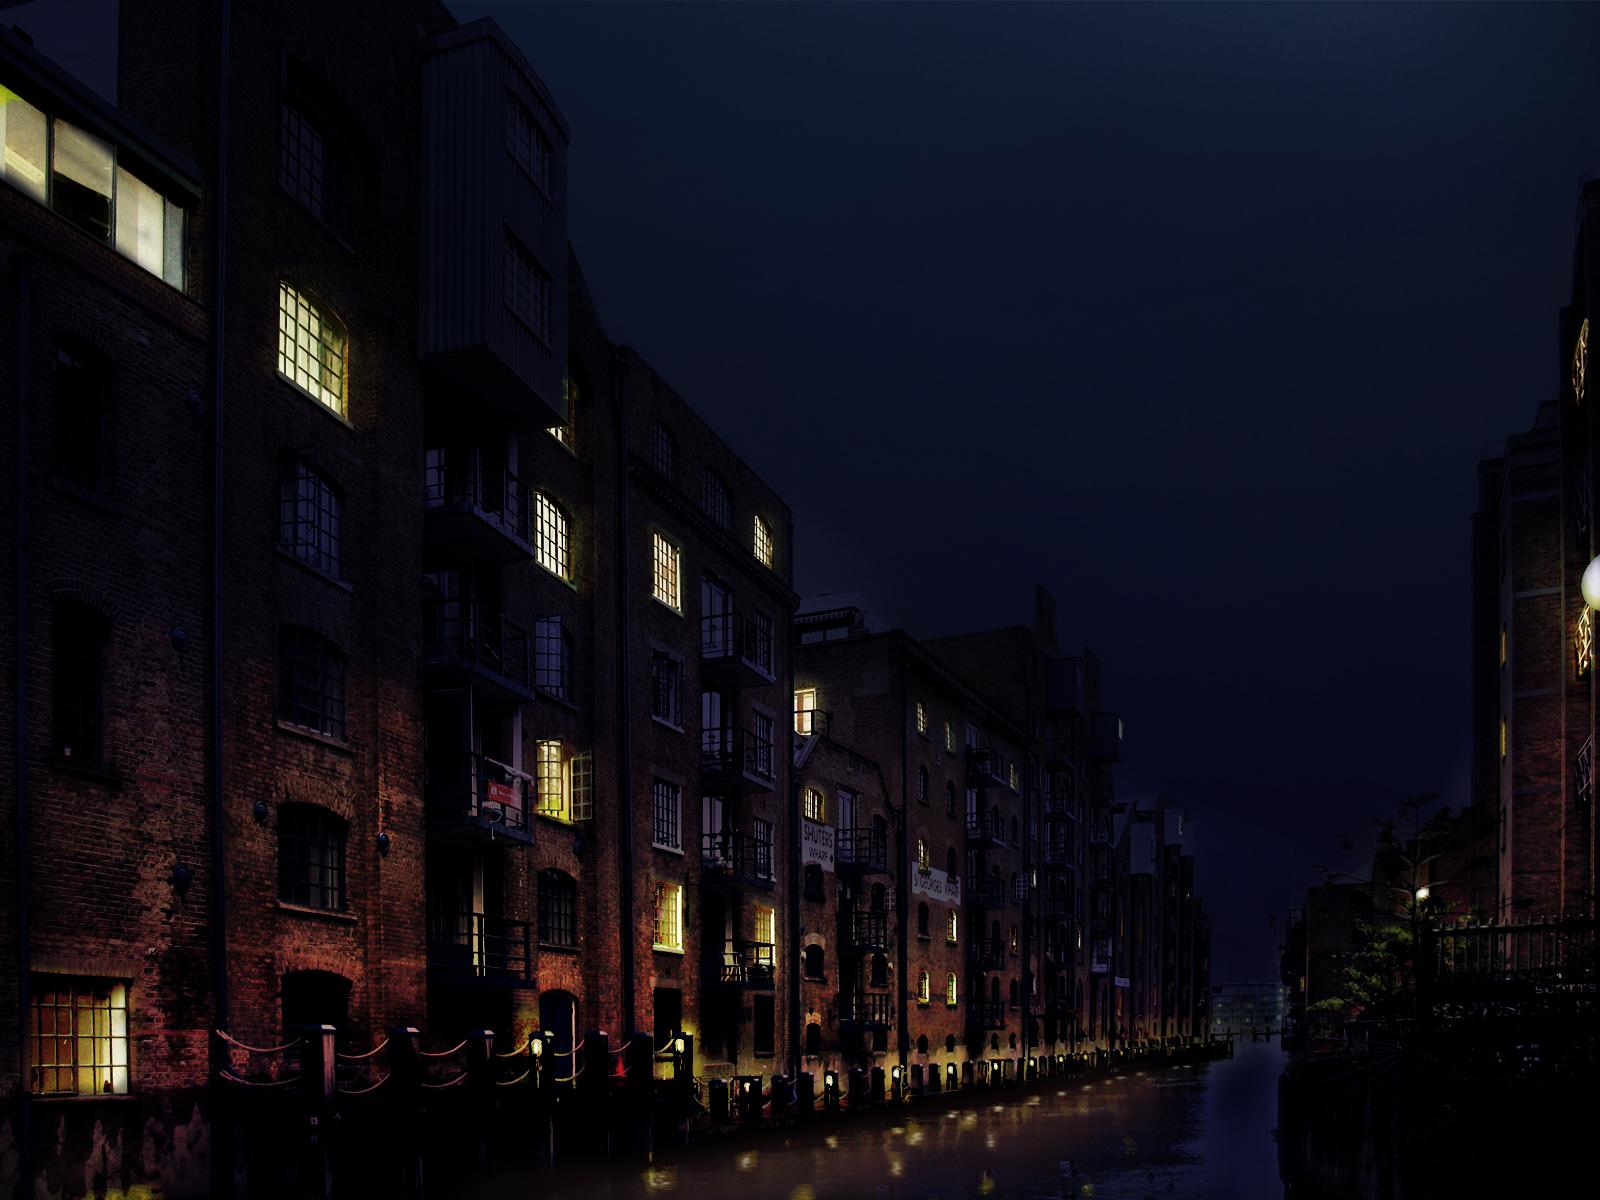 Day-night2.jpg